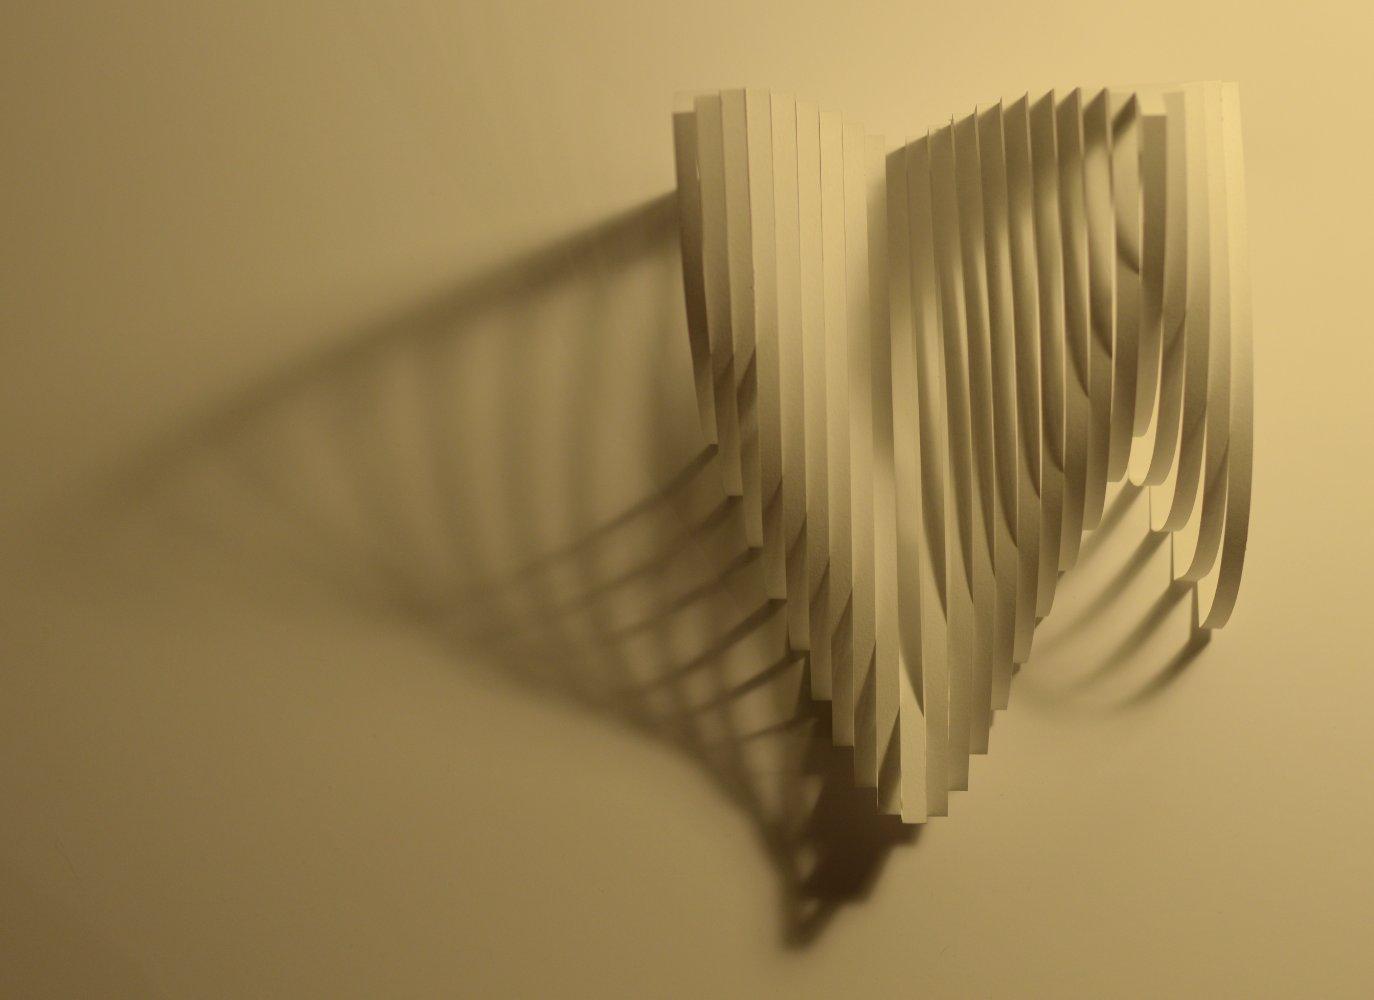 Pliages de bandes de papier vu de dessus avec l'ombre portée